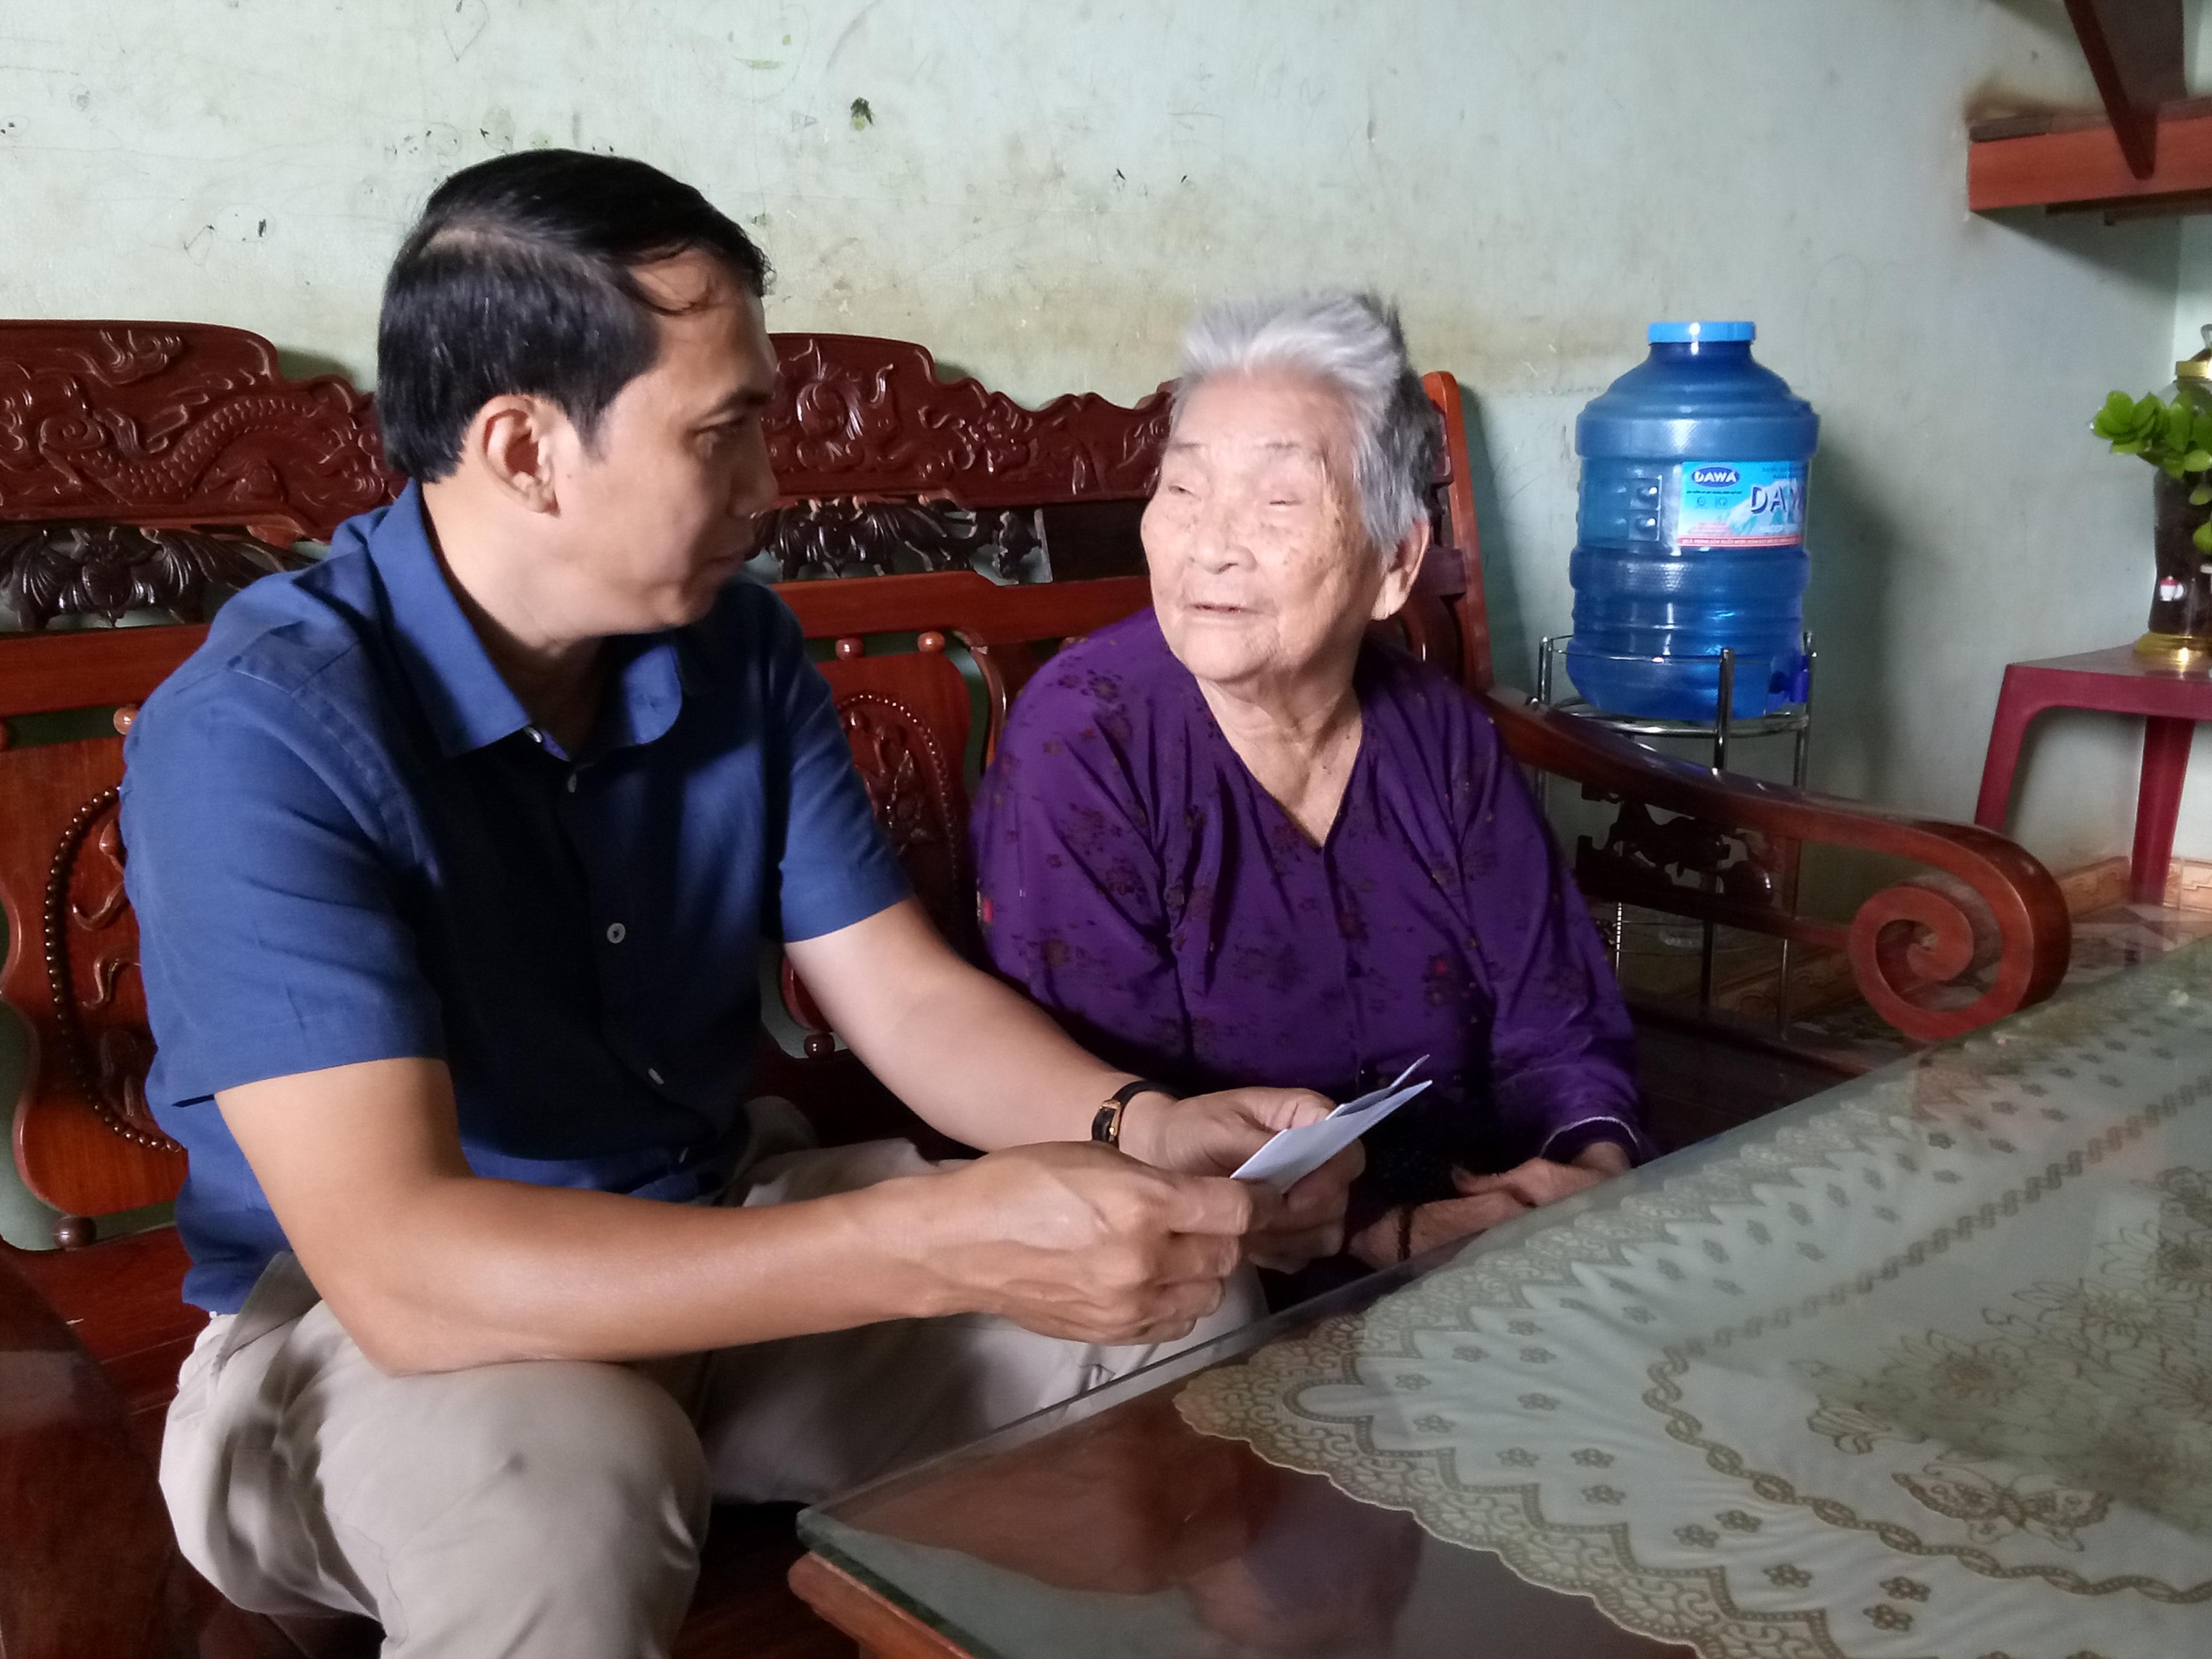 Đồng chí Nguyễn Đình Viên – Bí thư Huyện ủy Cư M'gar thăm tặng quà cho các gia đình chính sách ở thị trấn Quảng Phú